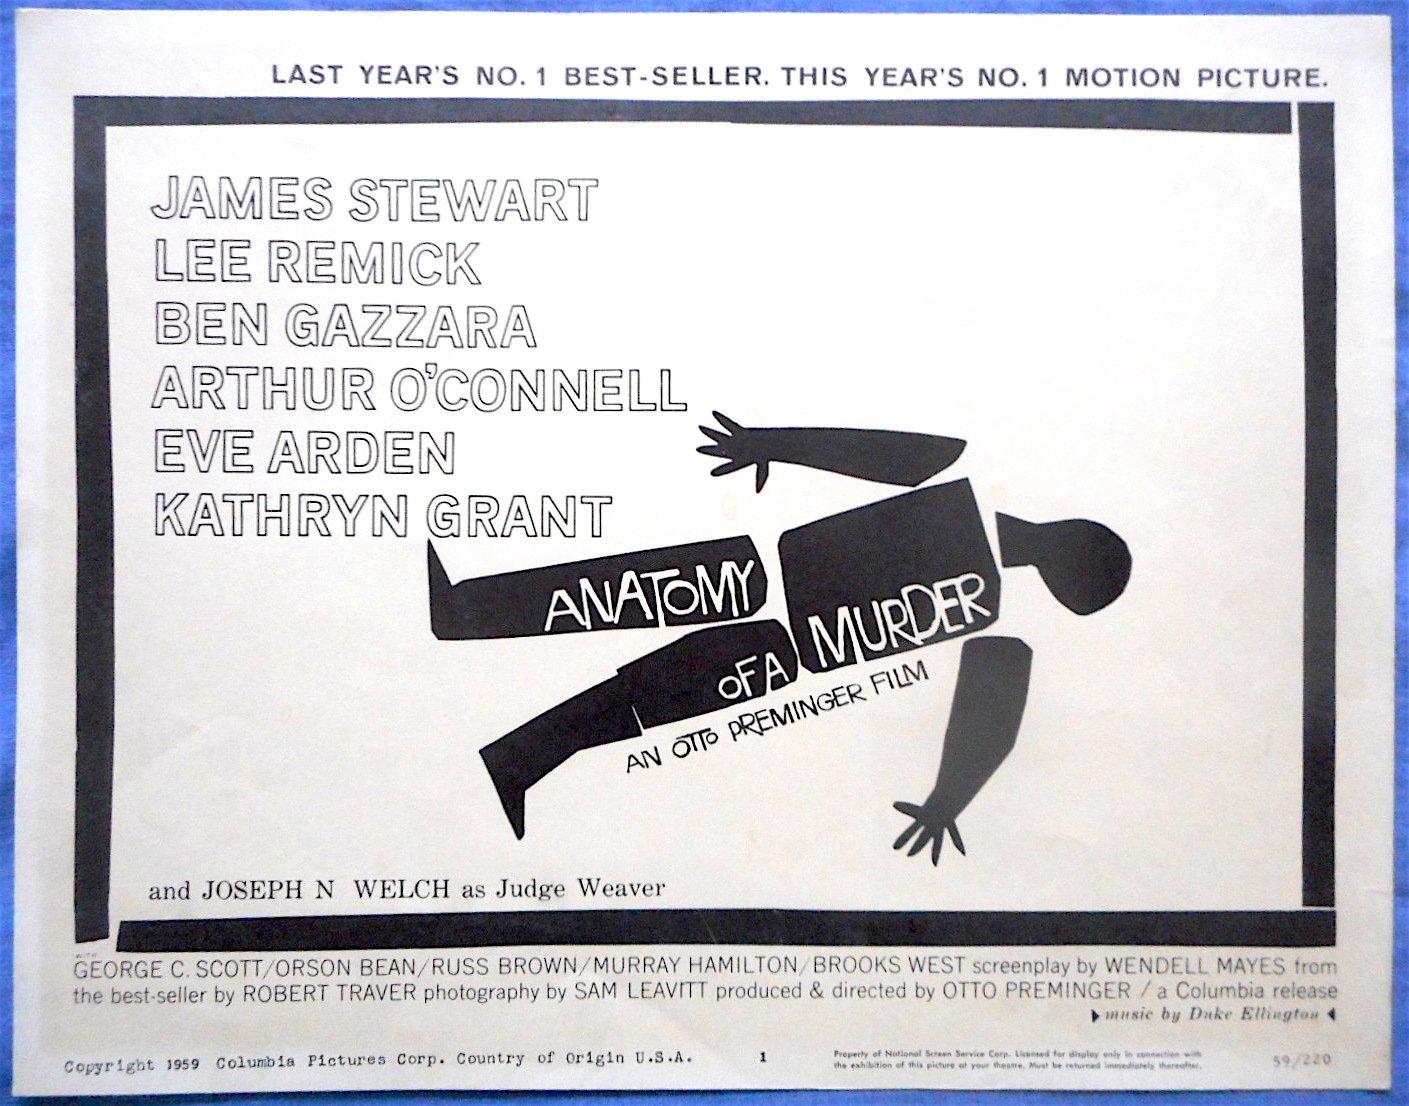 Anatomy Of A Murder James Stewart Saul Bass Art Duke Ellington Set